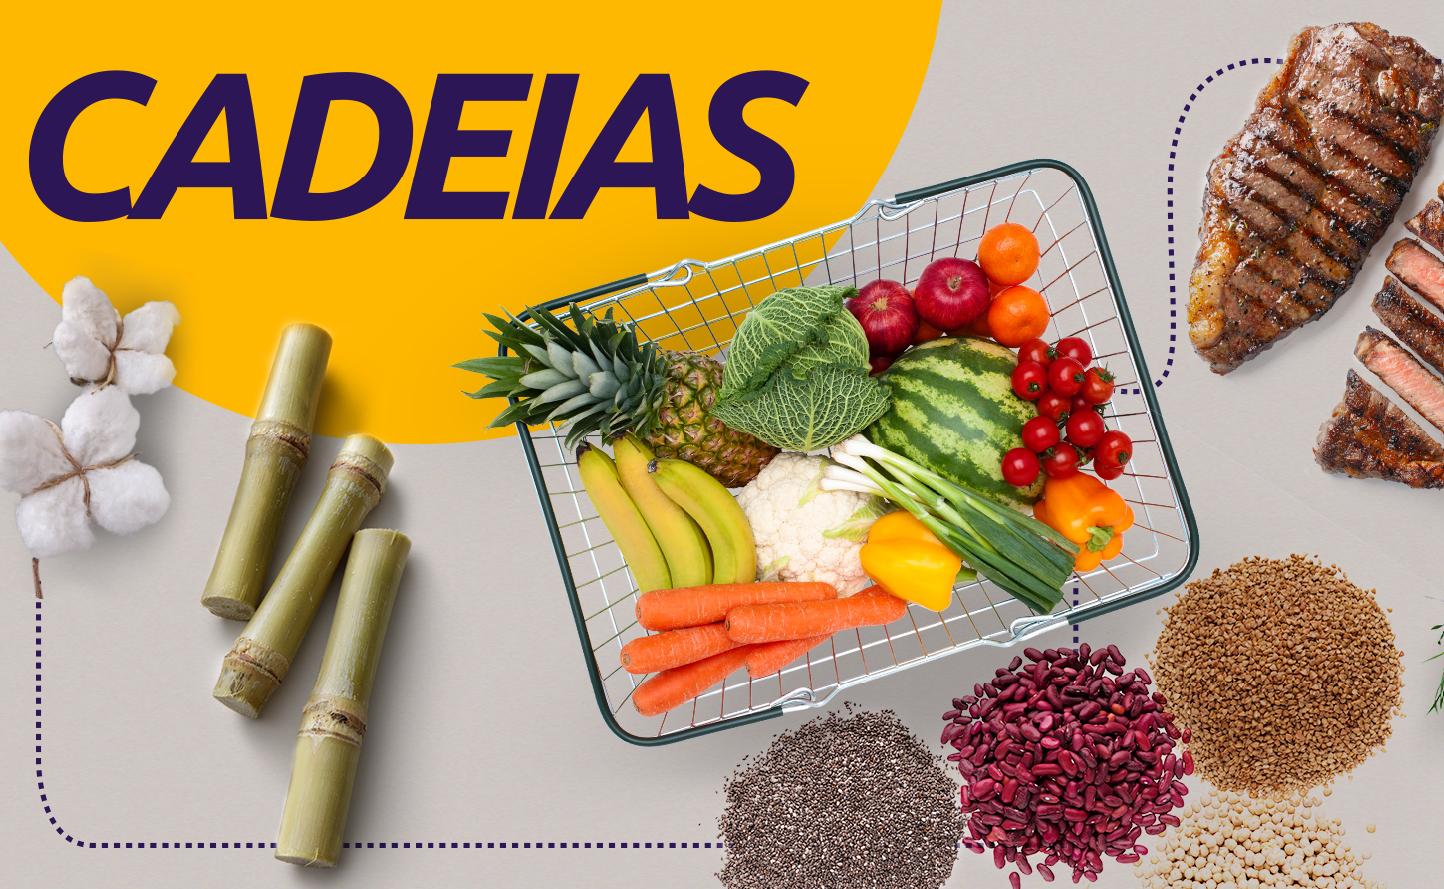 Principais desafios e oportunidades das cadeias produtivas do agronegócio serão debatidos no 4º CNMA